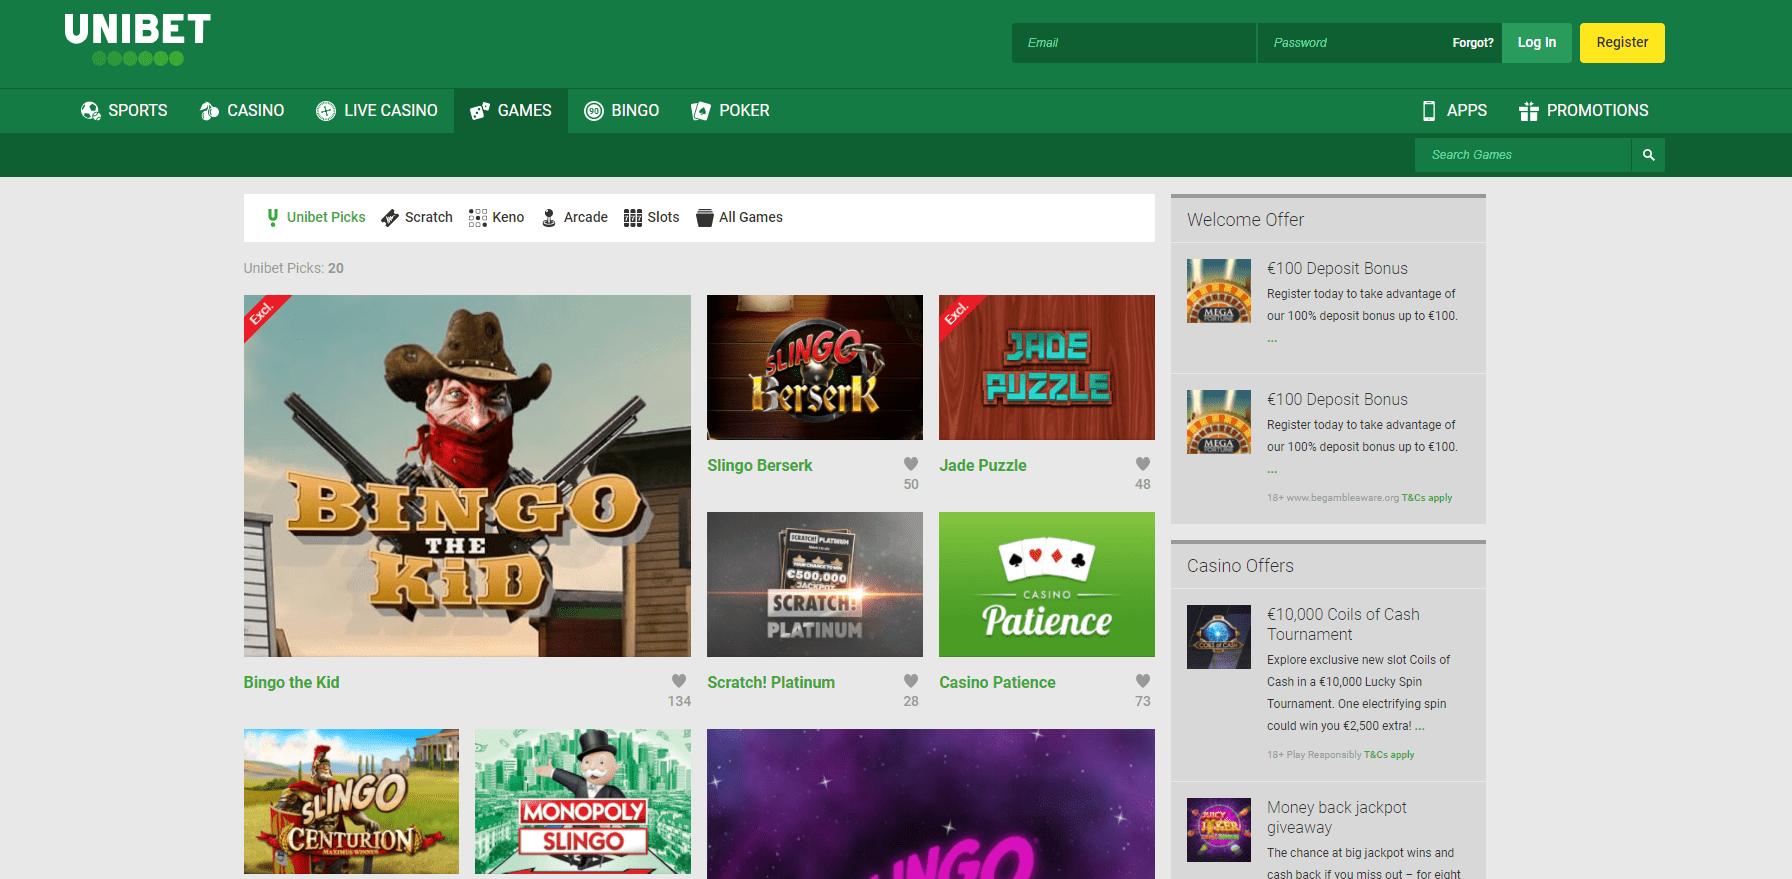 unibet_games_desktop